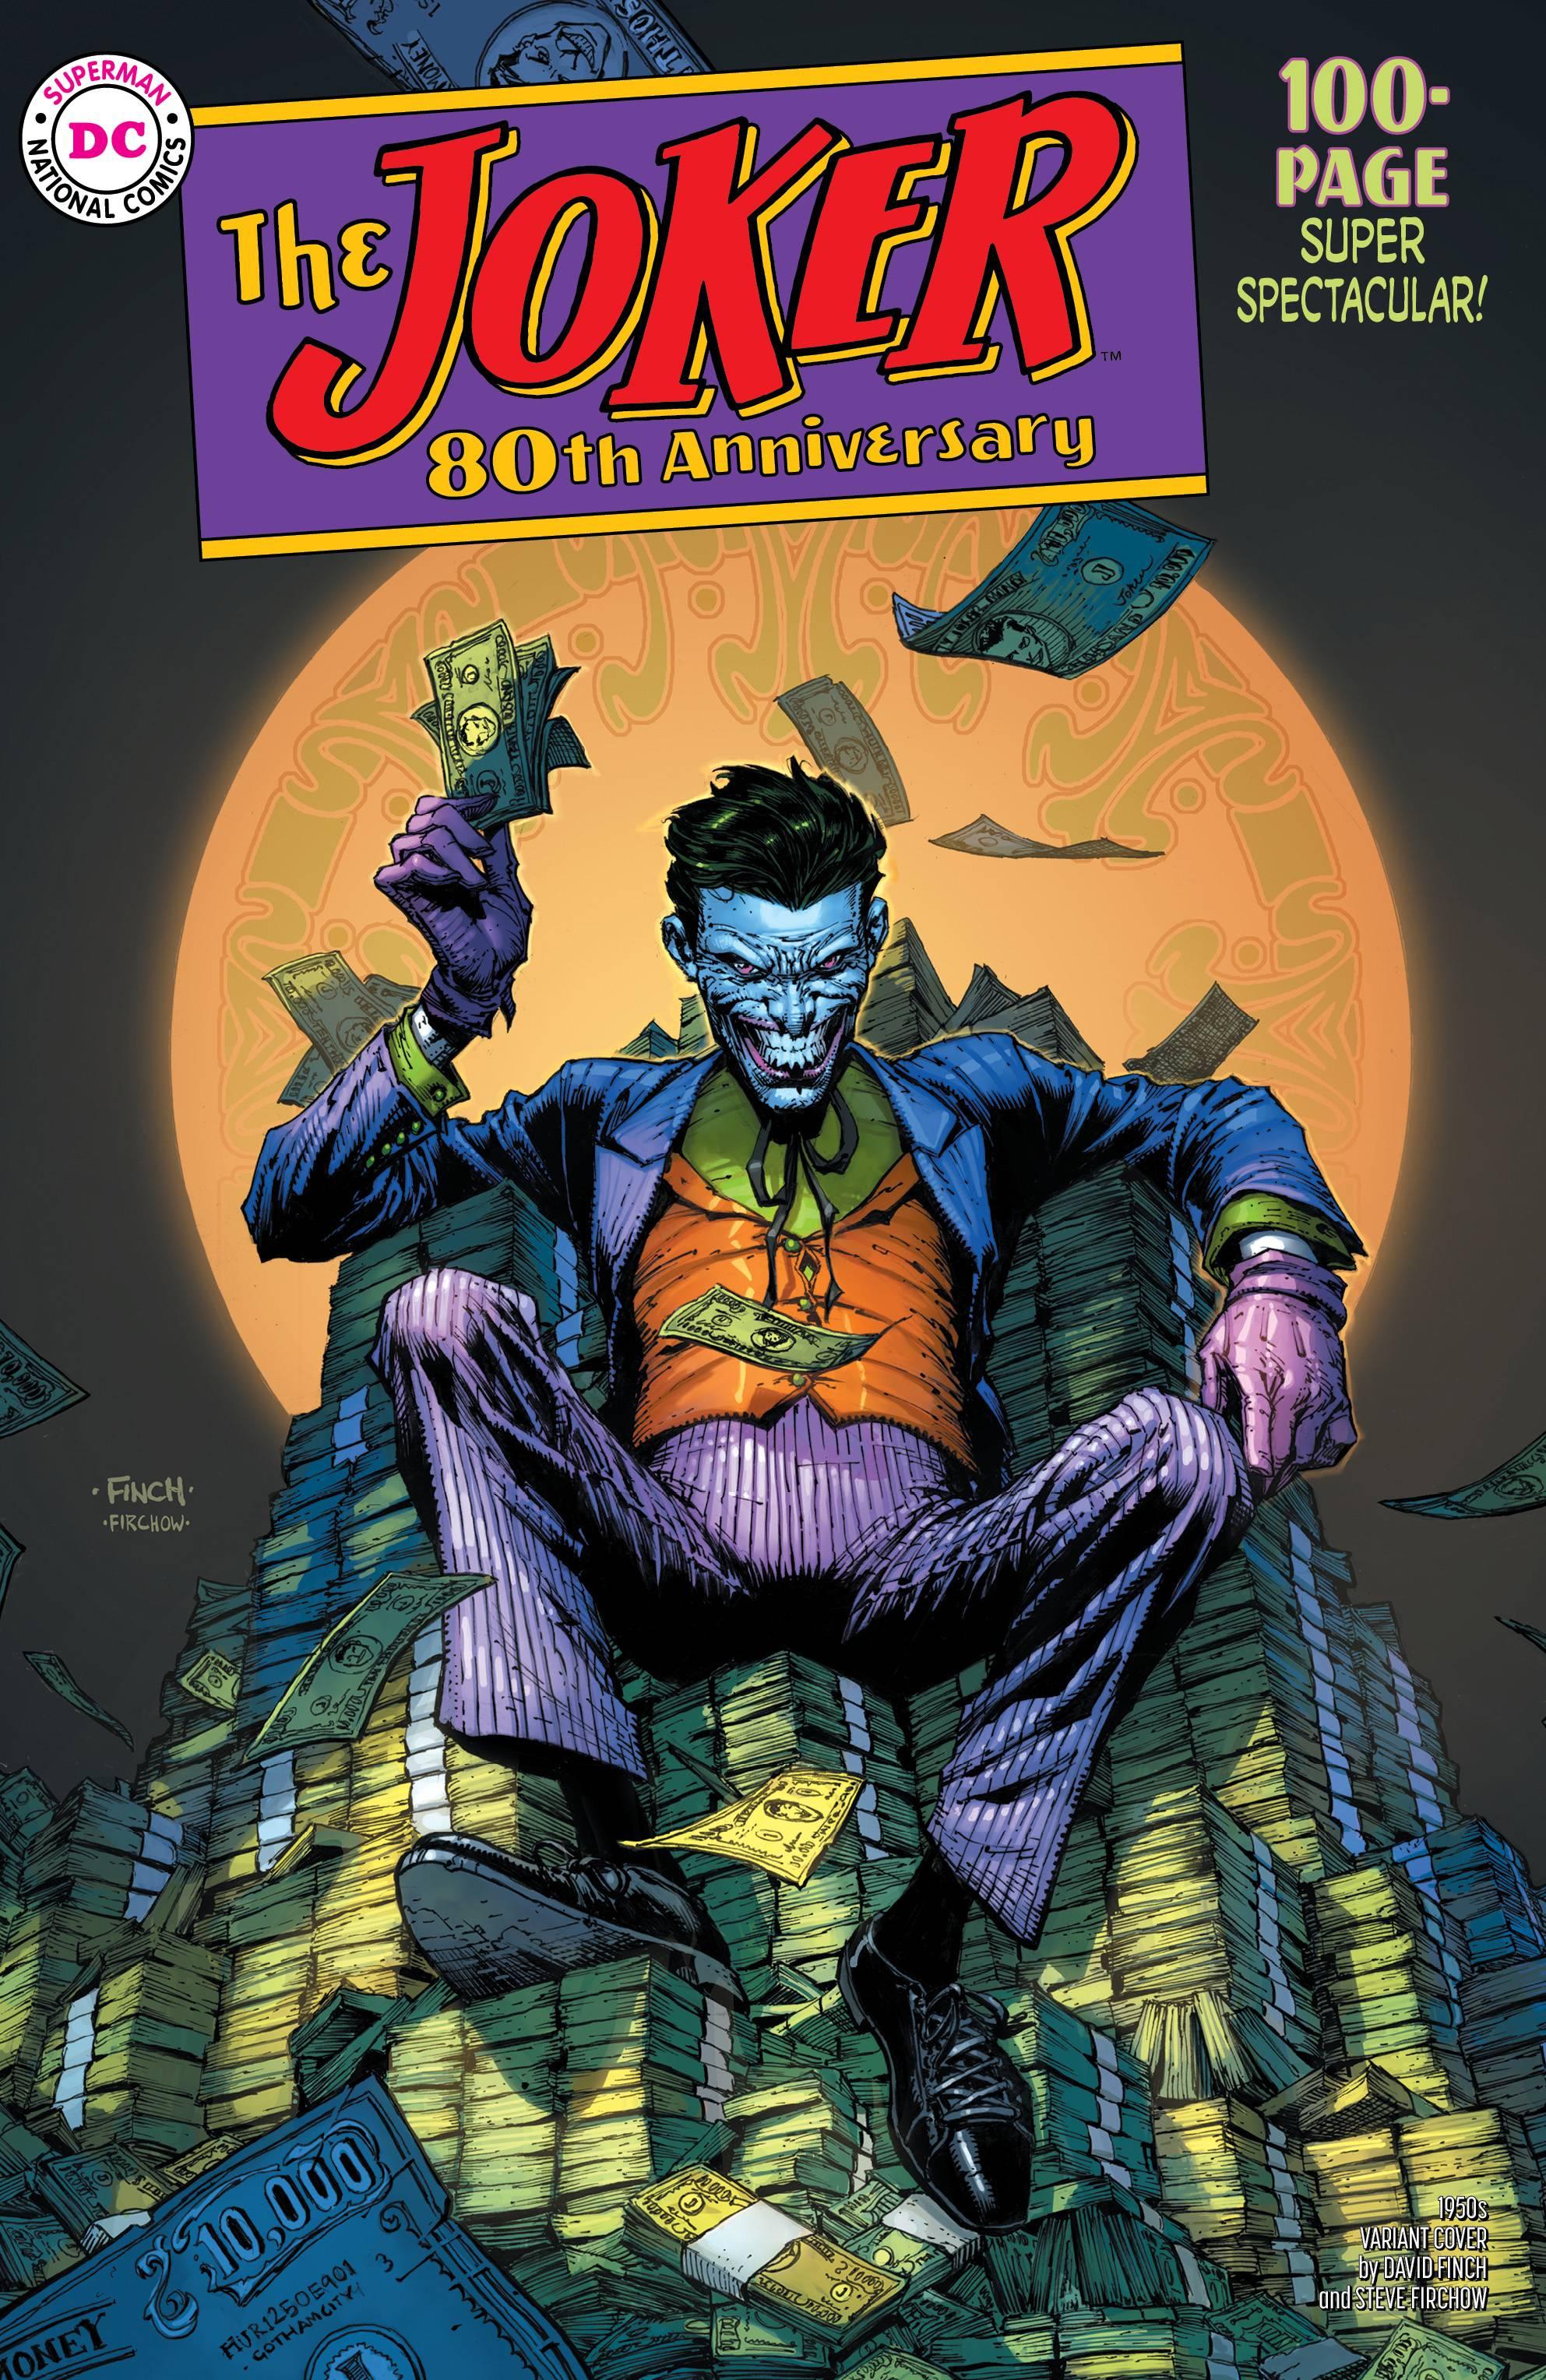 Joker 80th Anniv 100 Page Super Spect #1 1950s David Finch Cover